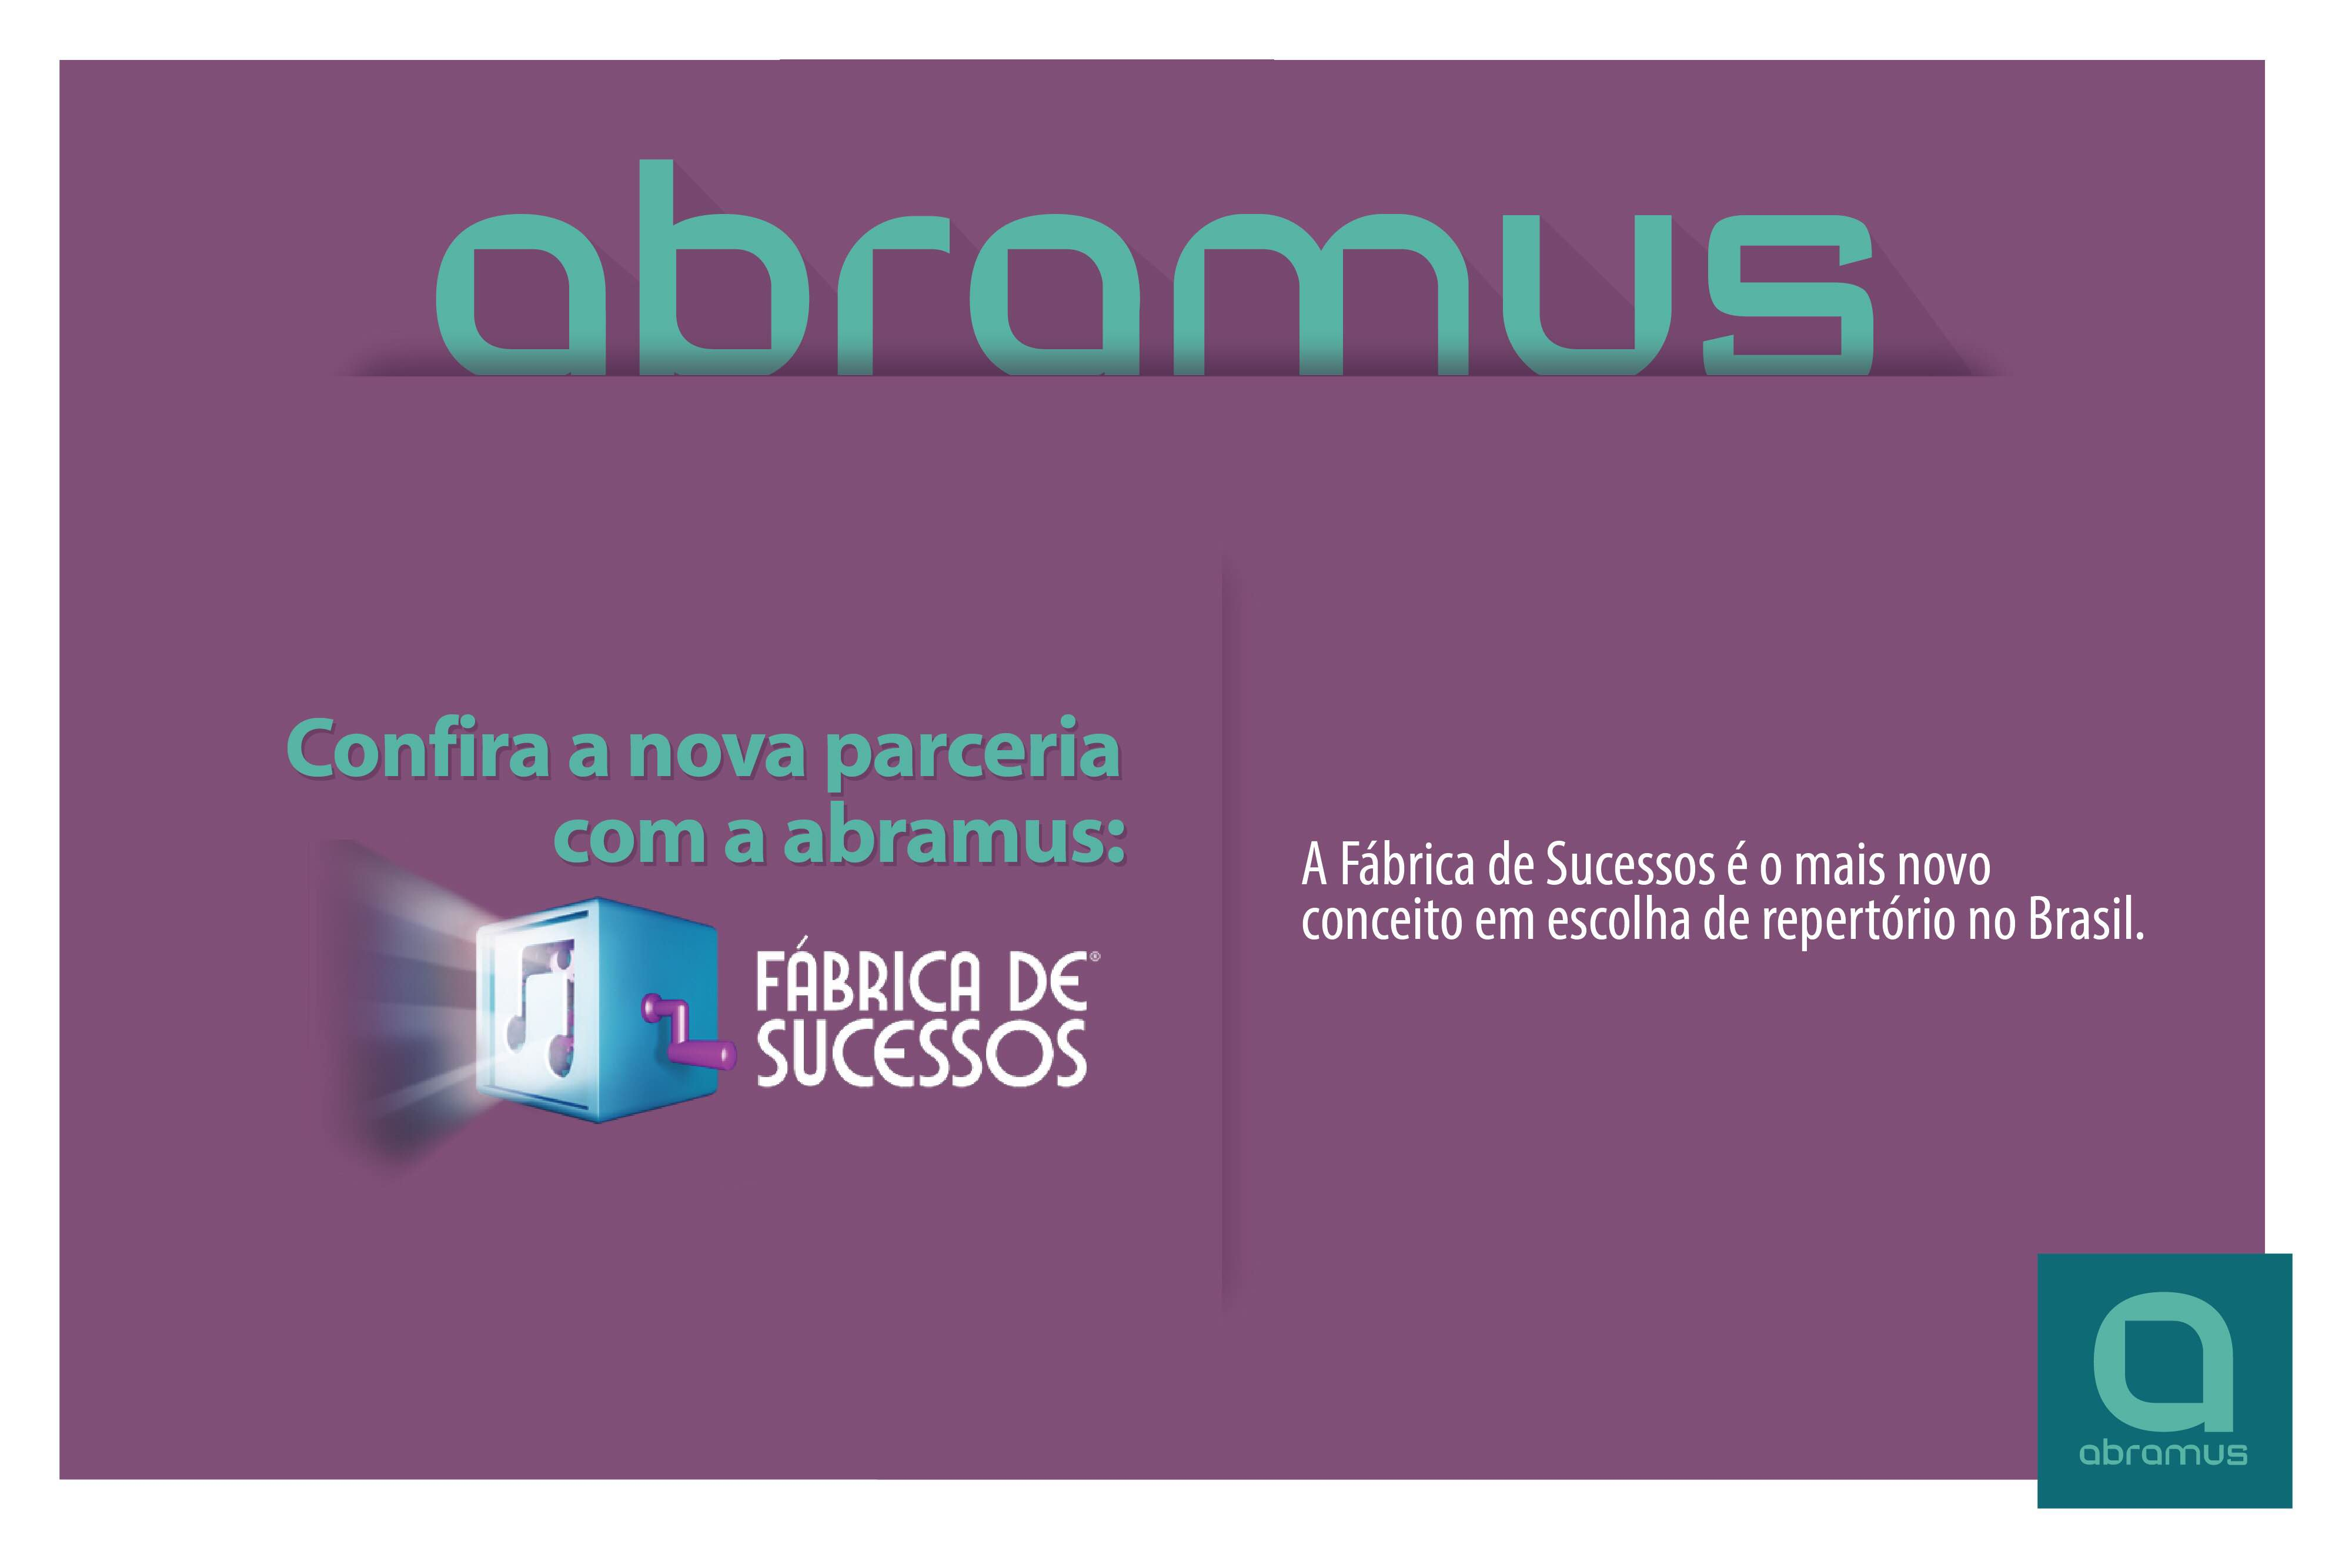 fabrica_de_sucessos